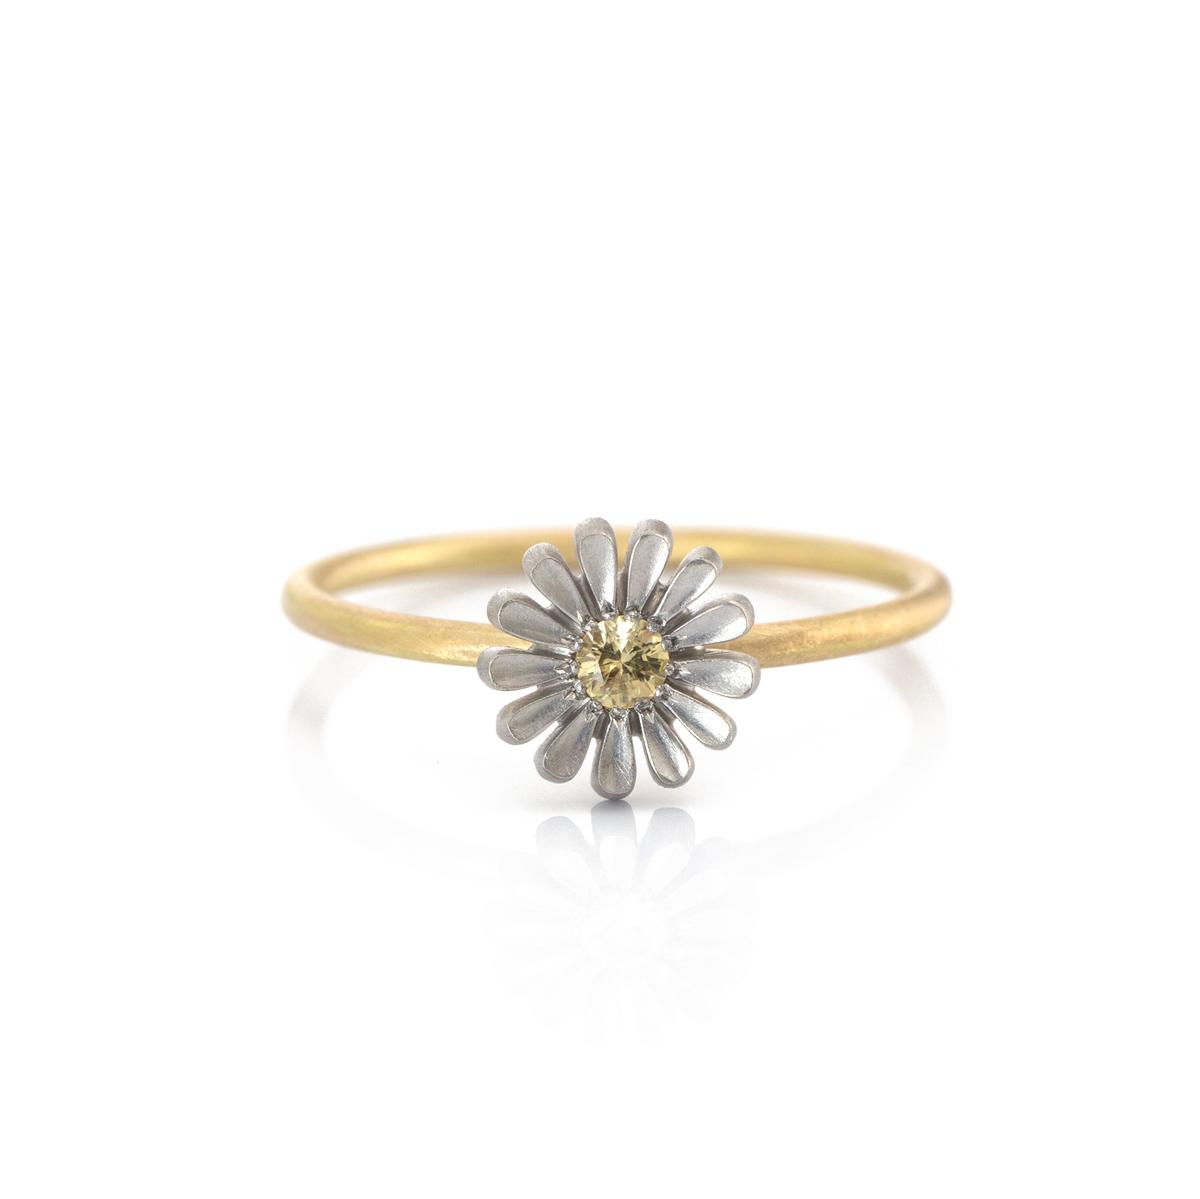 お花の指輪 白バック 屋久島のツワブキモチーフ プラチナ、ゴールド 屋久島でつくる結婚指輪